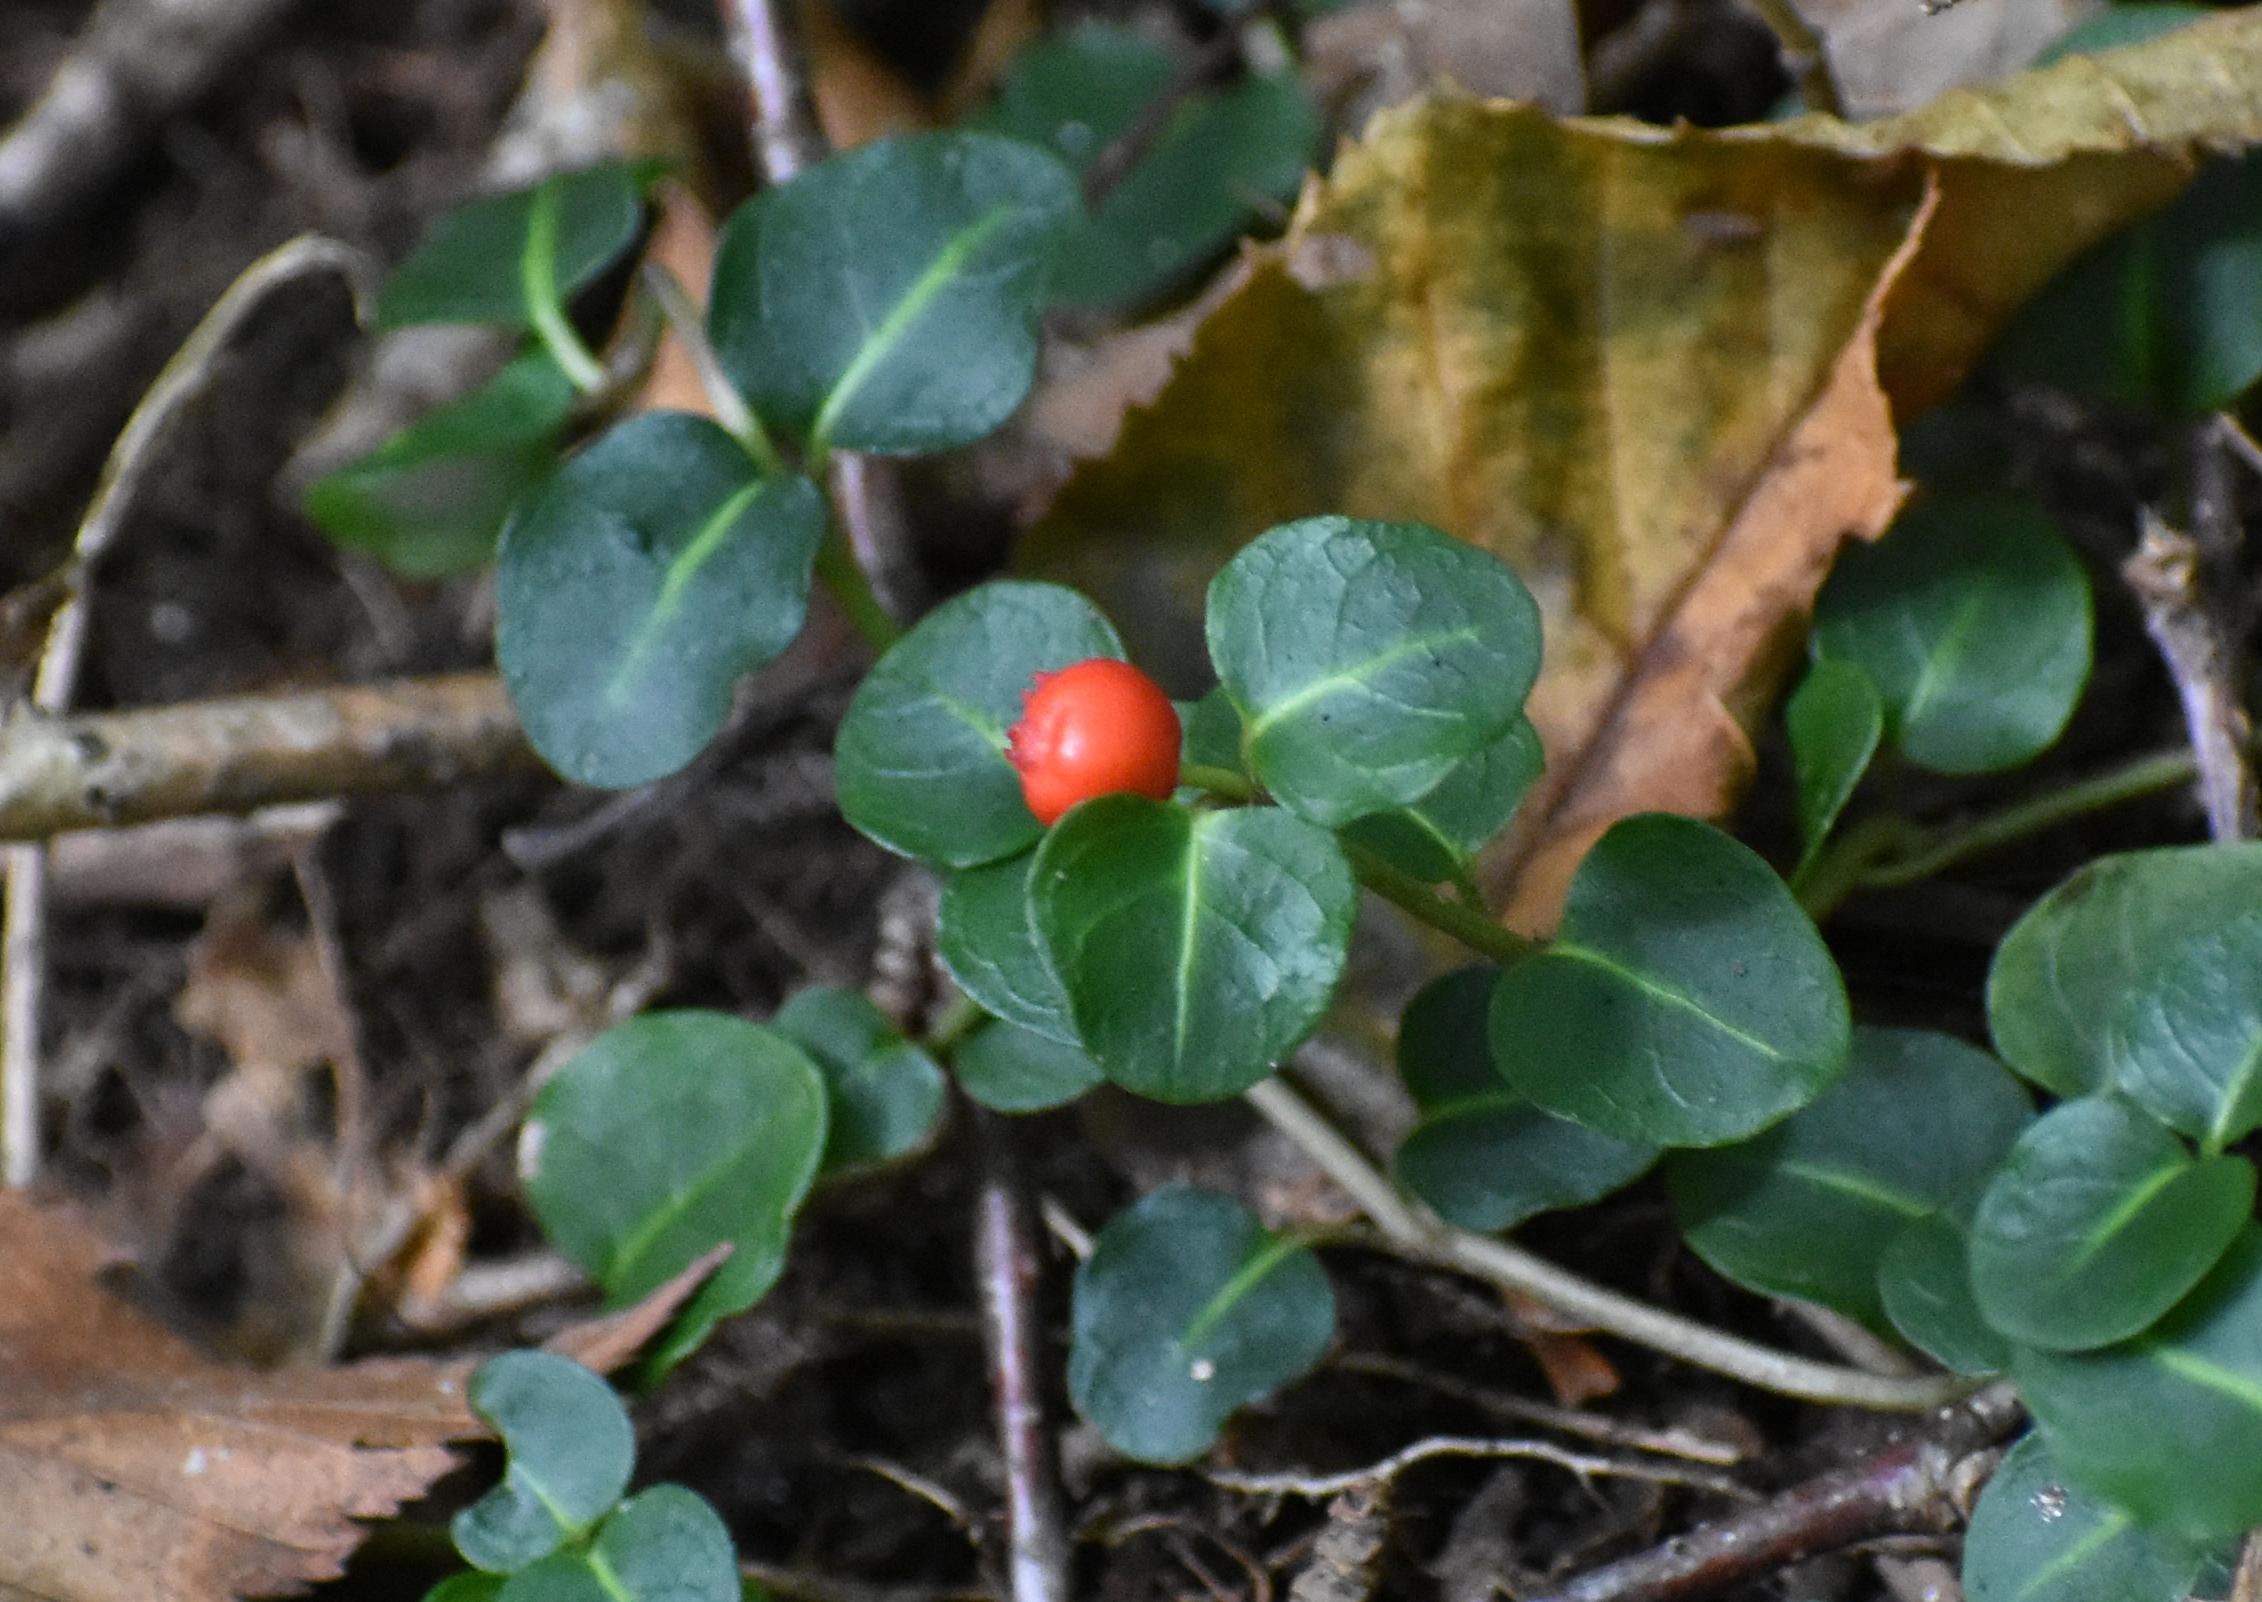 Partrdige Berry